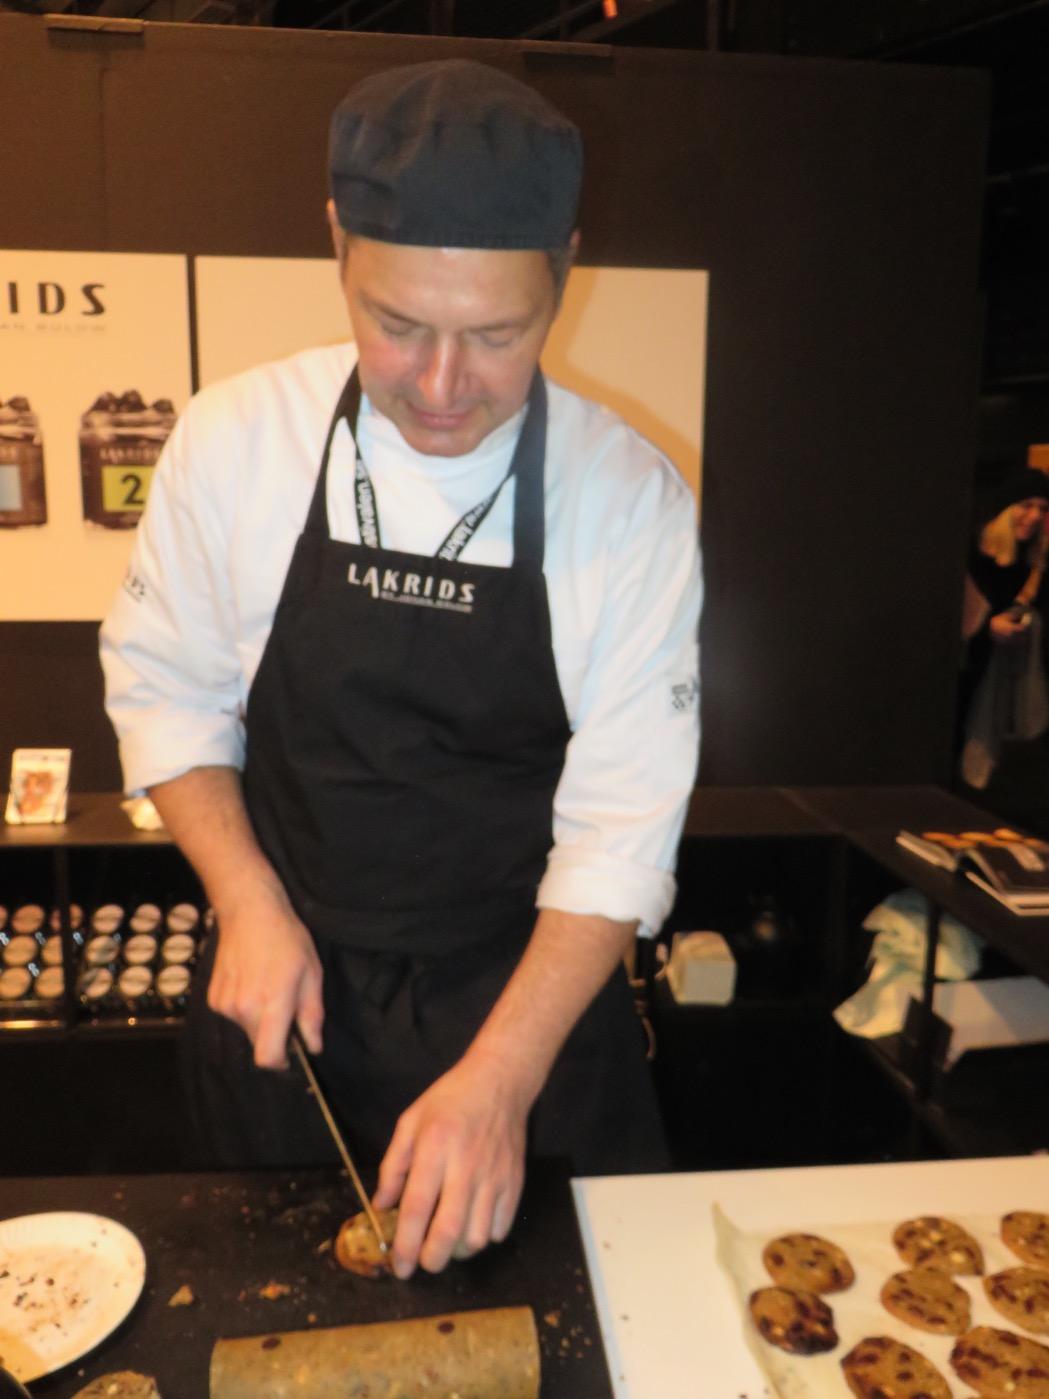 Tage från Lakrids by Johan Bülow skär upp nybakta kakor